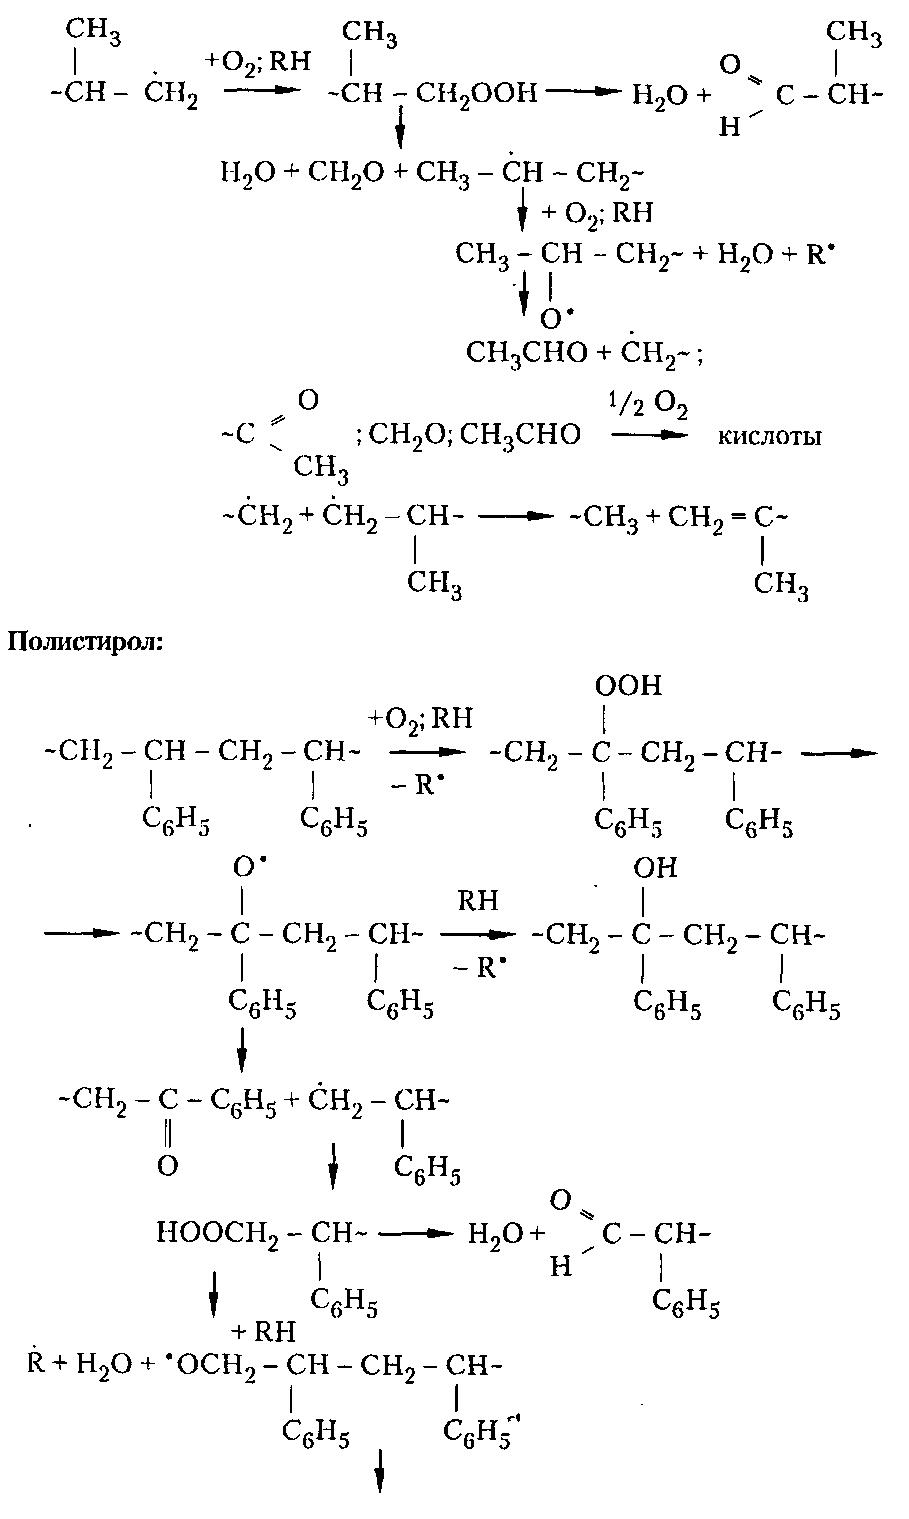 деструкция полиэтилена при нагревании